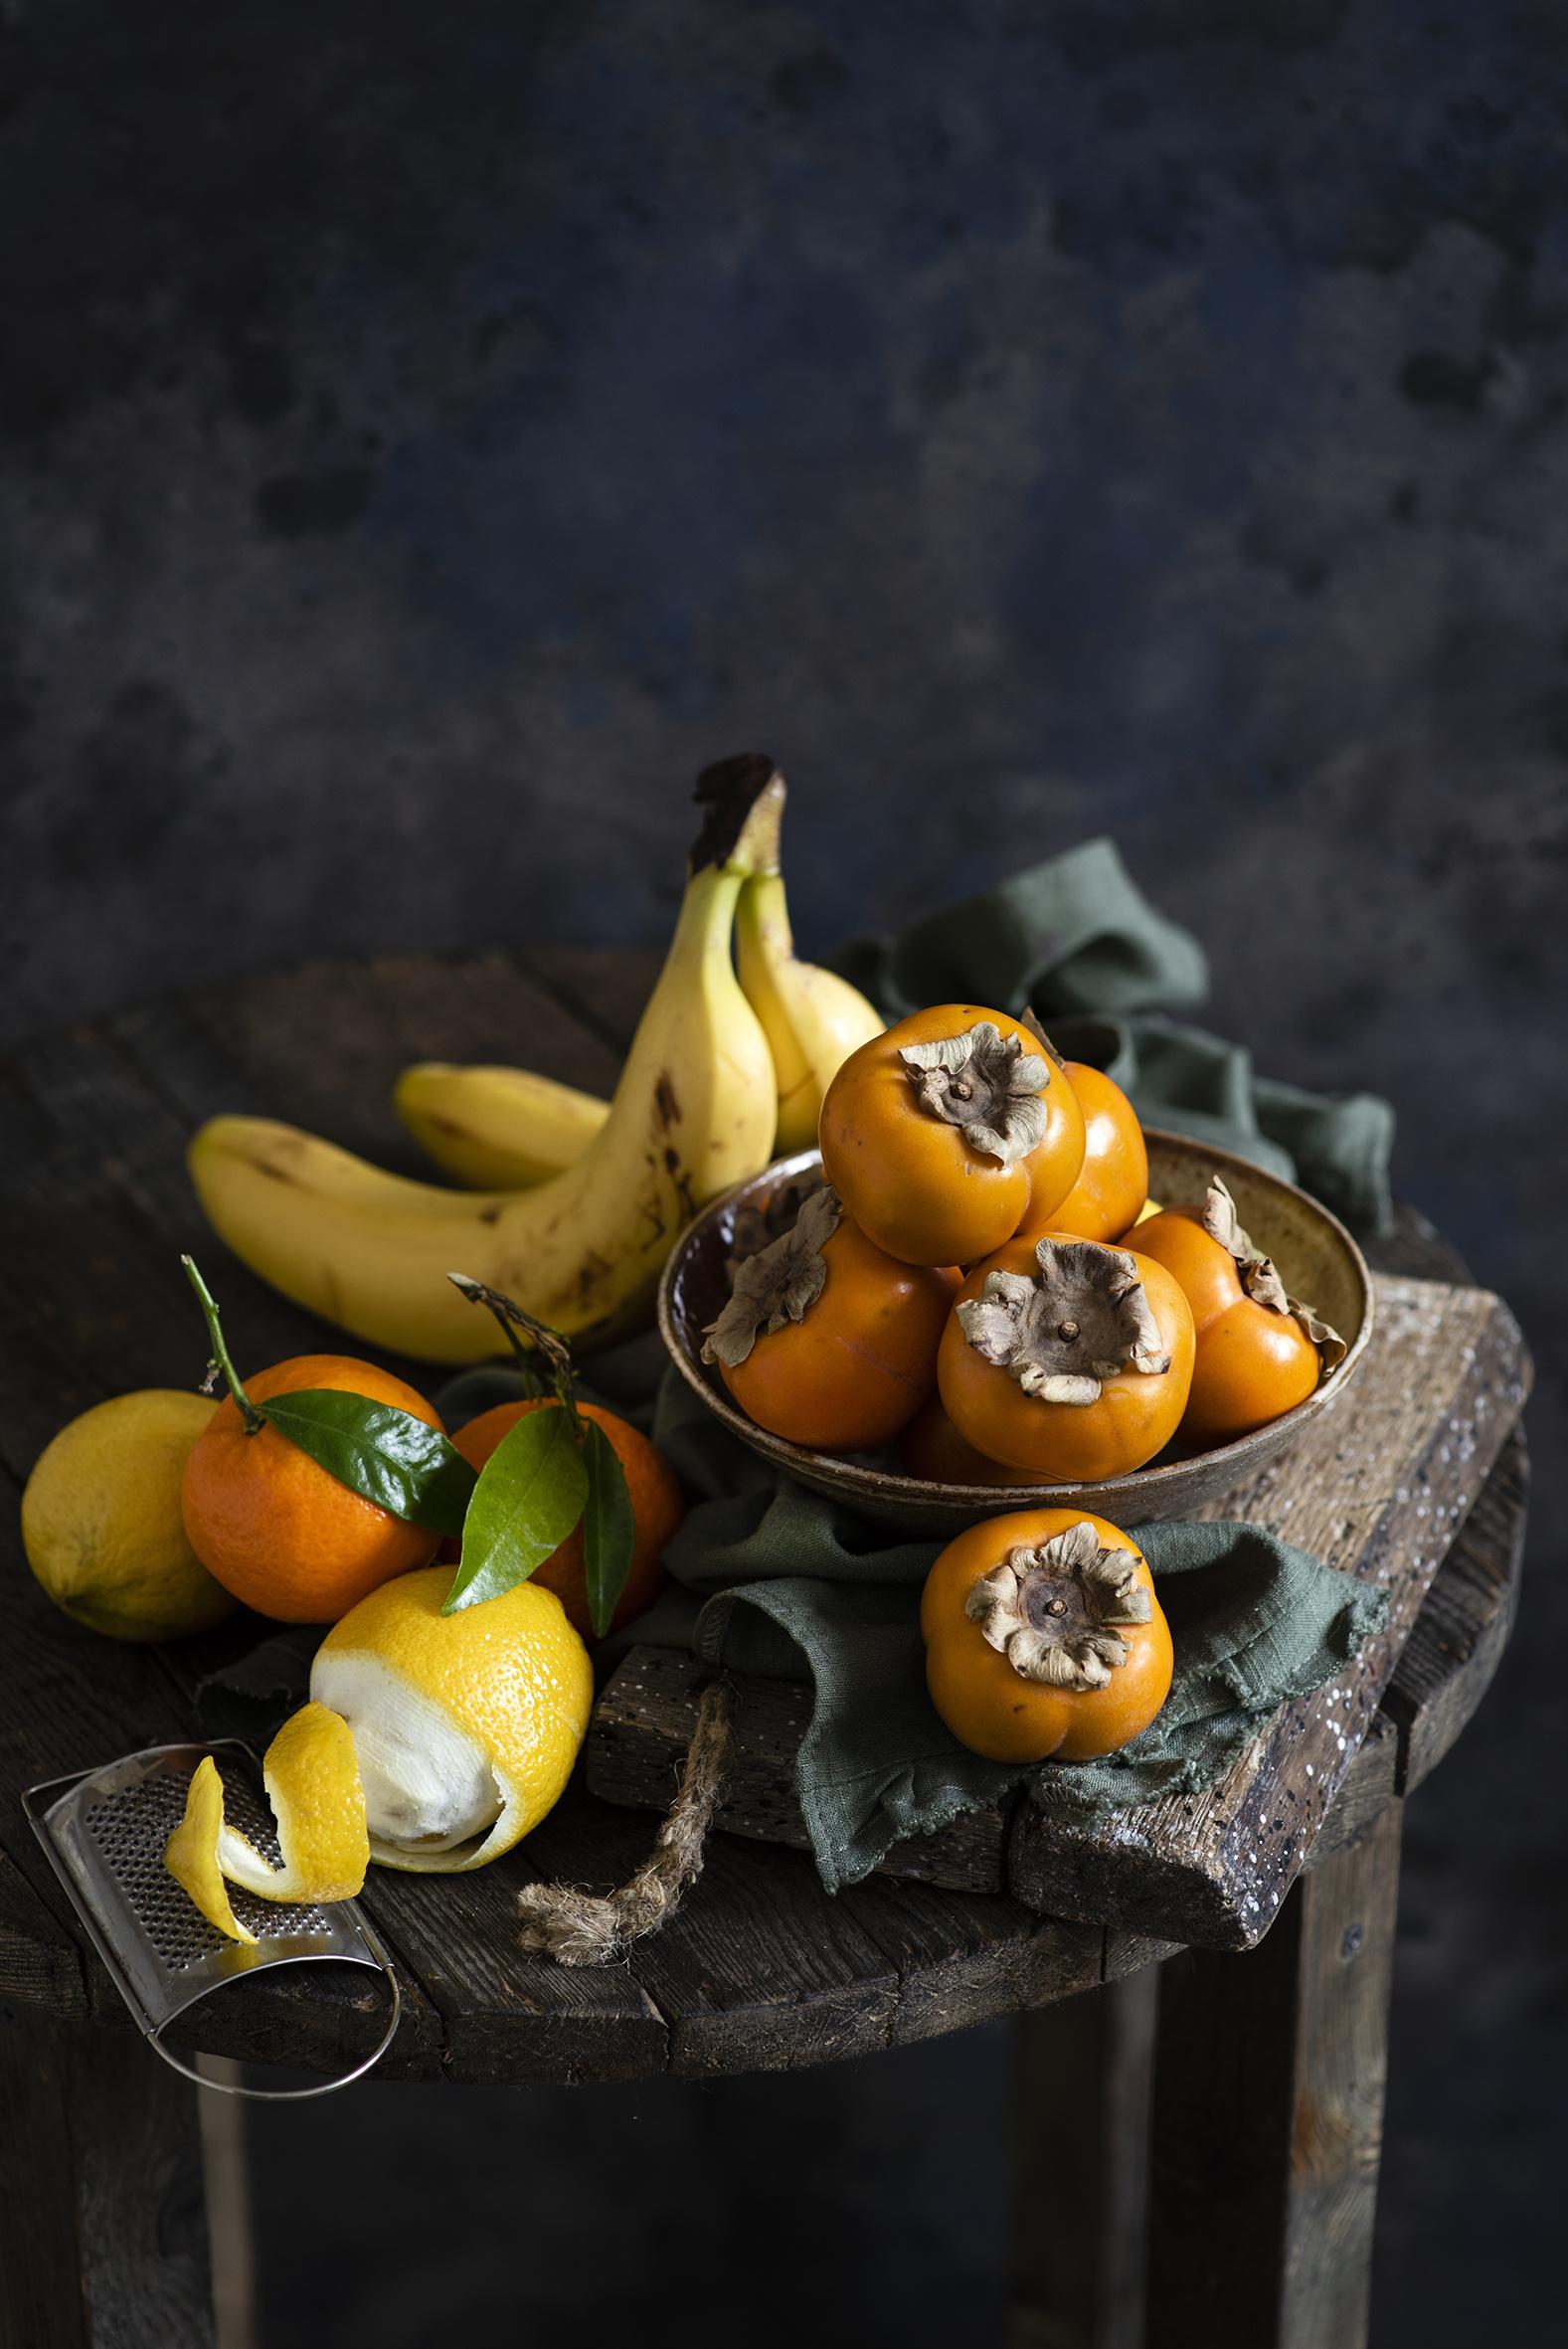 Picture Persimmon Orange fruit Lemons Bananas Food Fruit Still-life  for Mobile phone kaki